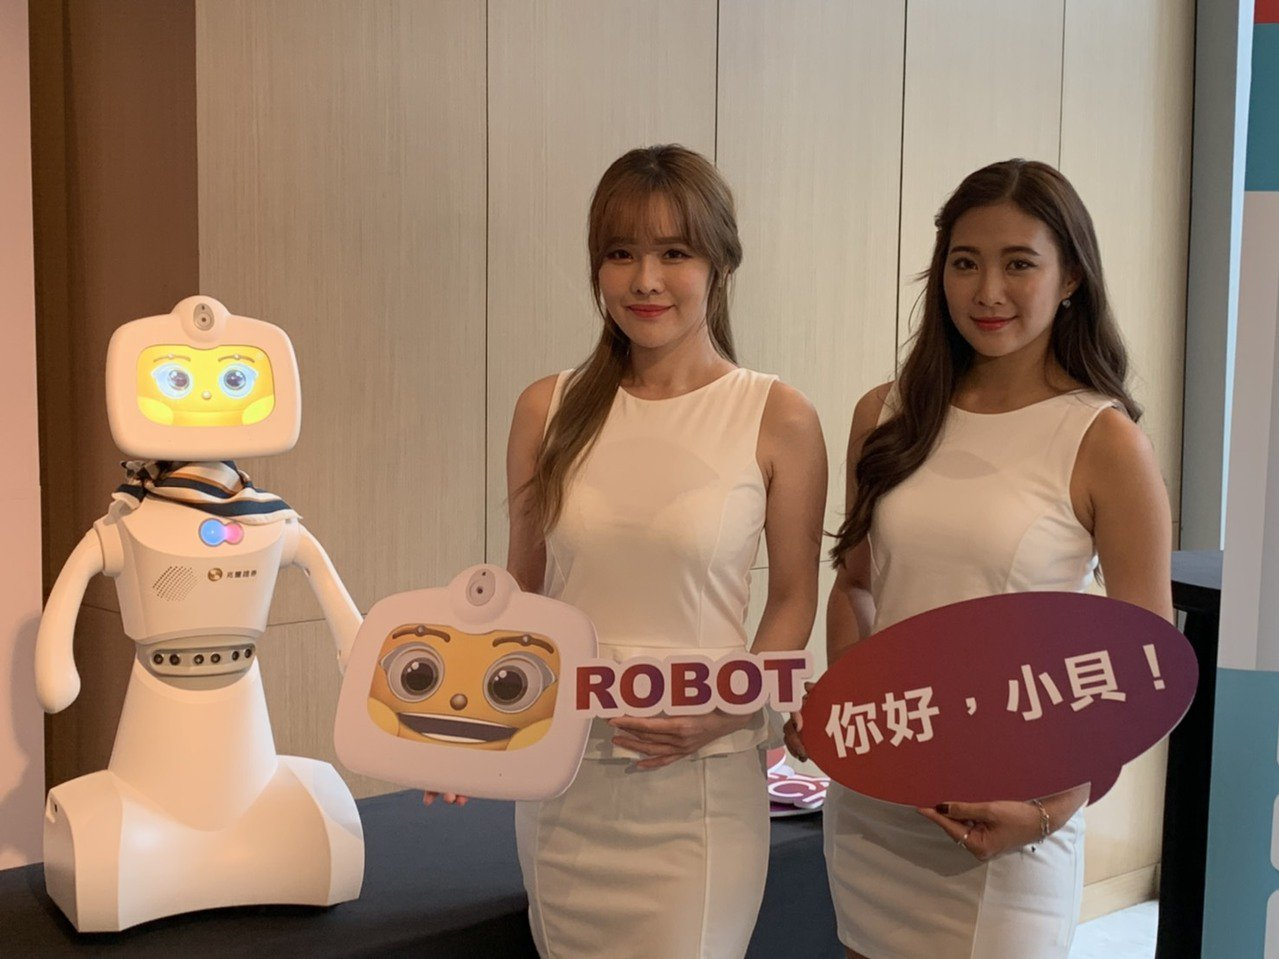 兆豐證券與精誠資訊攜手推出全台證券業首創的理財迎賓服務機器人「小貝」,結合語音辨...